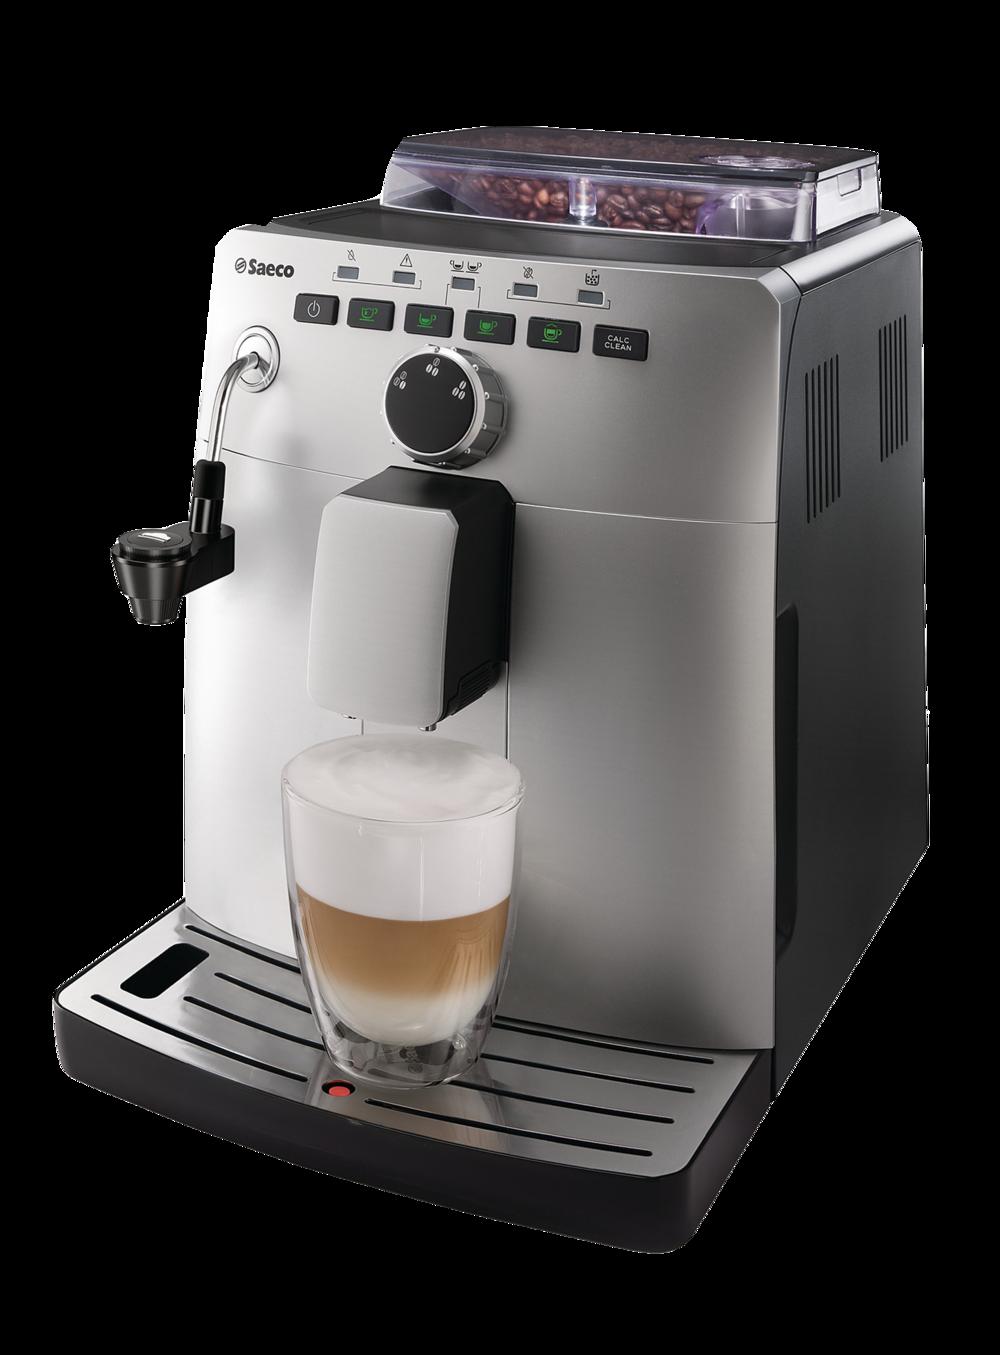 Vienna Saeco  Extração cremosa para seu café, graças aos discos de cerâmica. Bico para vapor ou água quente, facilitador para aerar o leite ou água quente para suas infusões. Gaveta com parada automática, para descarte de borras. Programação do volume de água para o café, diretamente em suas teclas. Seletora frontal para definir a quantidade de pó para o seu espresso.